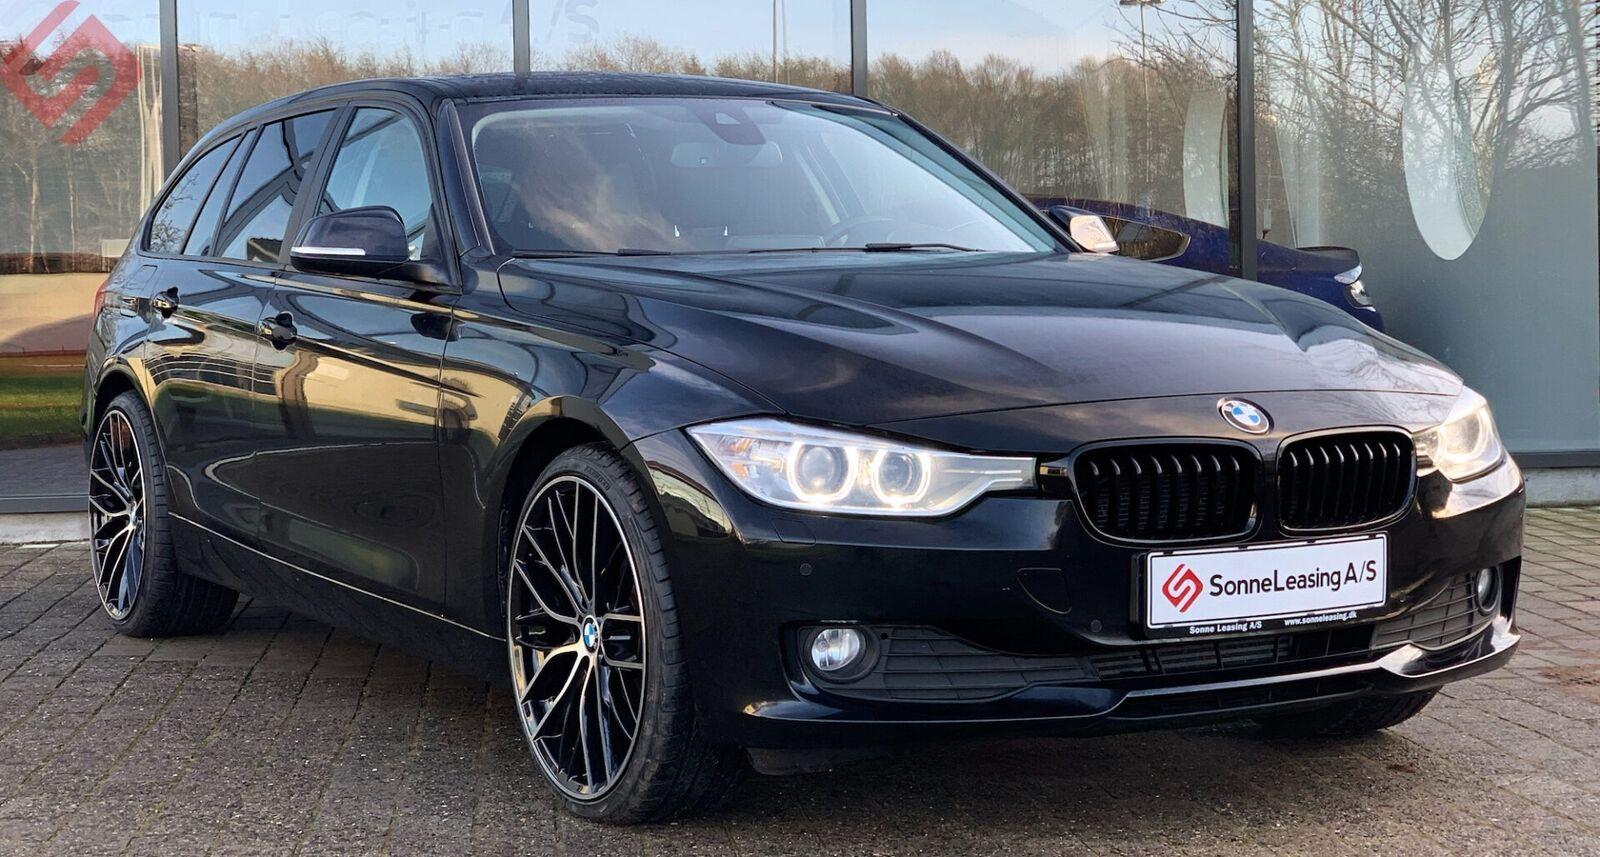 BMW 320d 2,0 Touring aut. 5d - 1.996 kr.